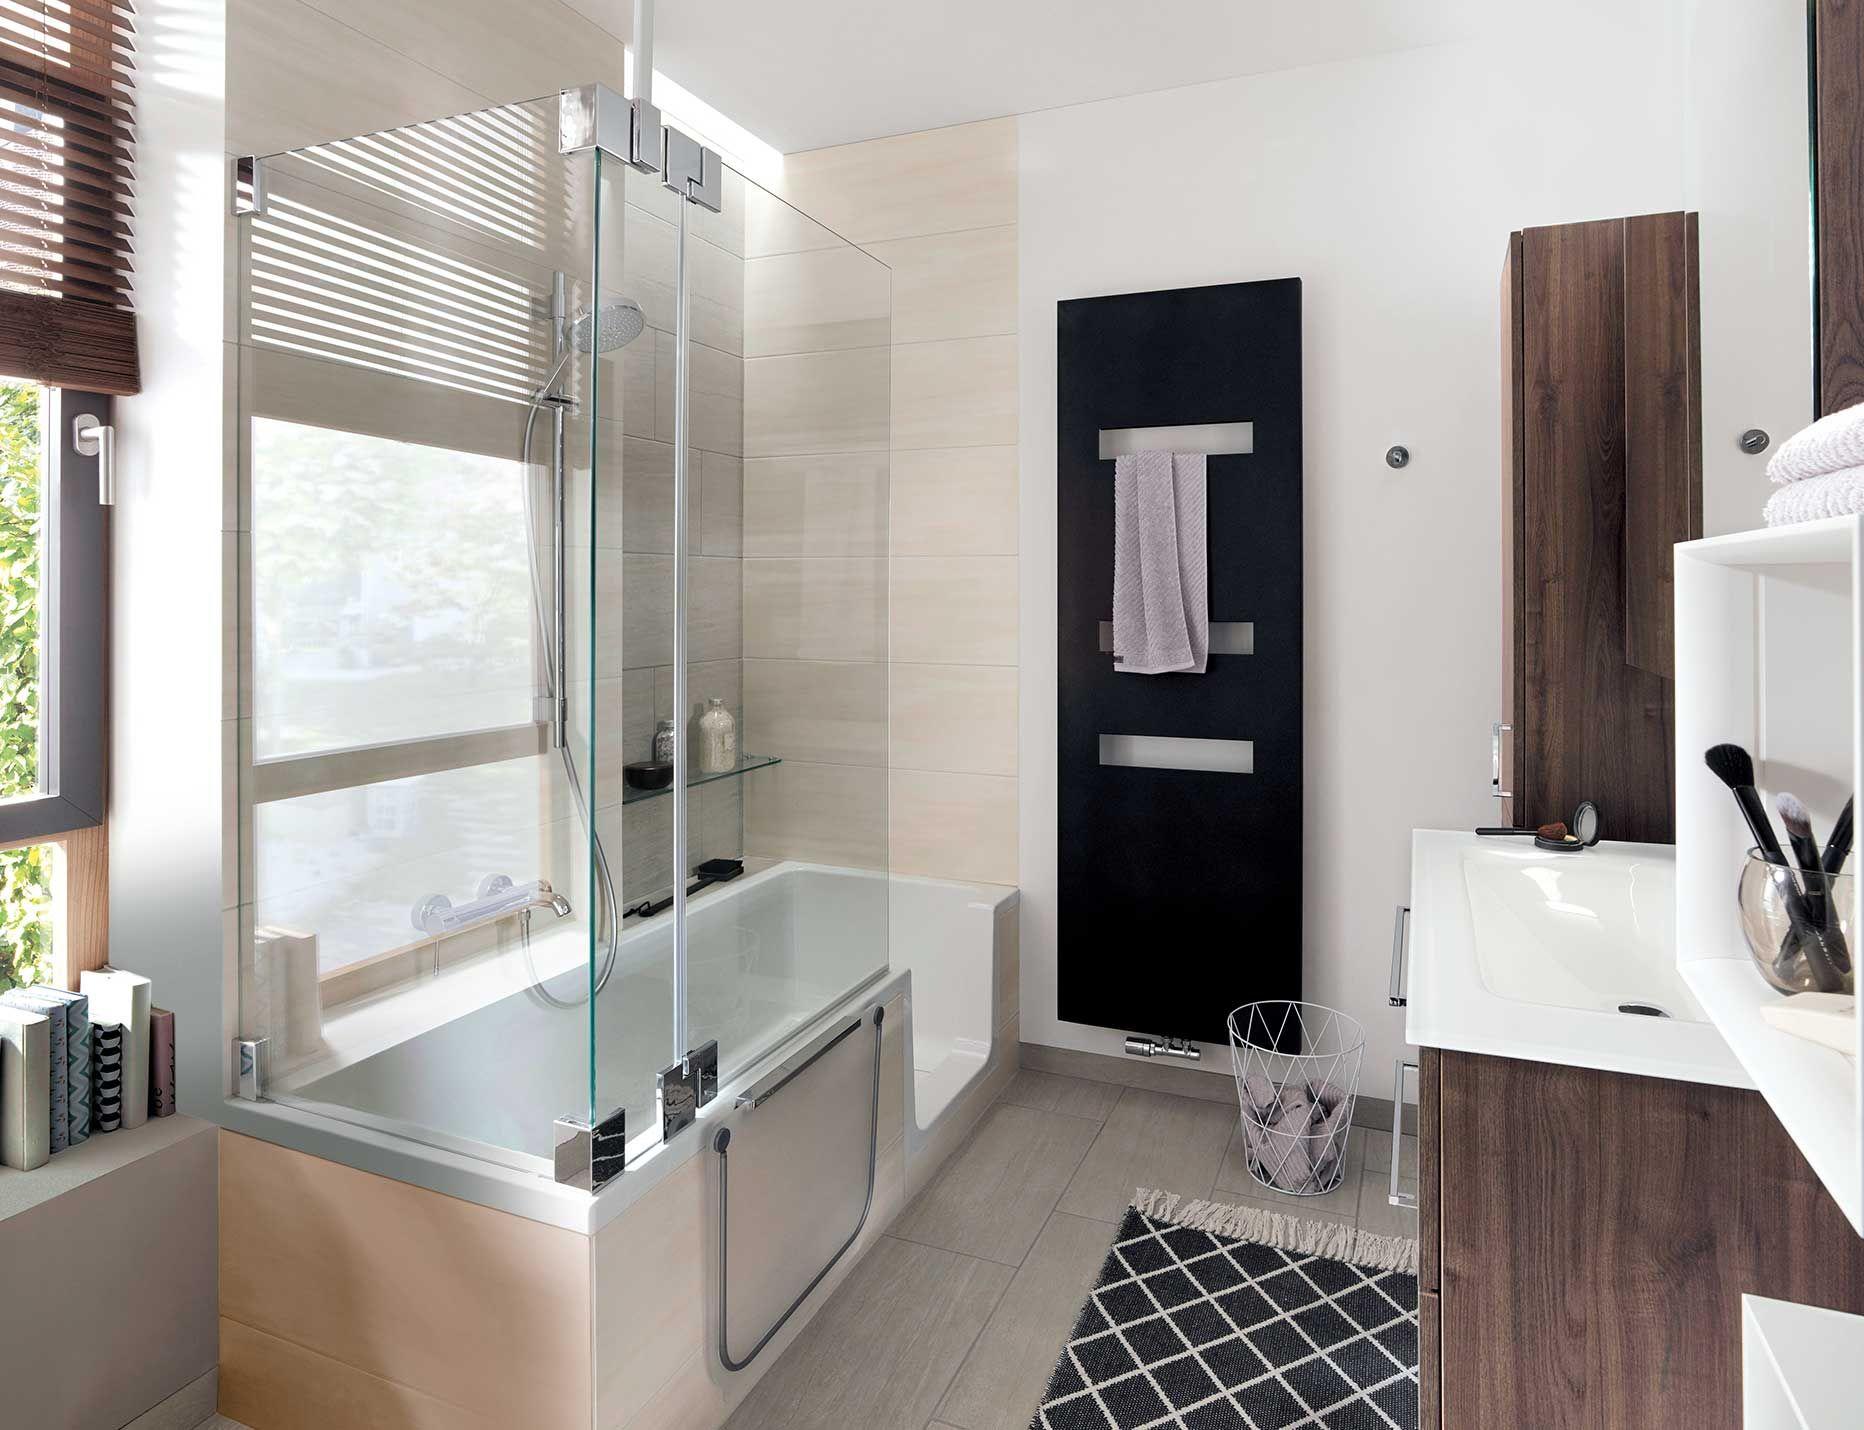 Badezimmer designs klein badezimmer klein mit dusche und wanne  kreative wandgestaltung